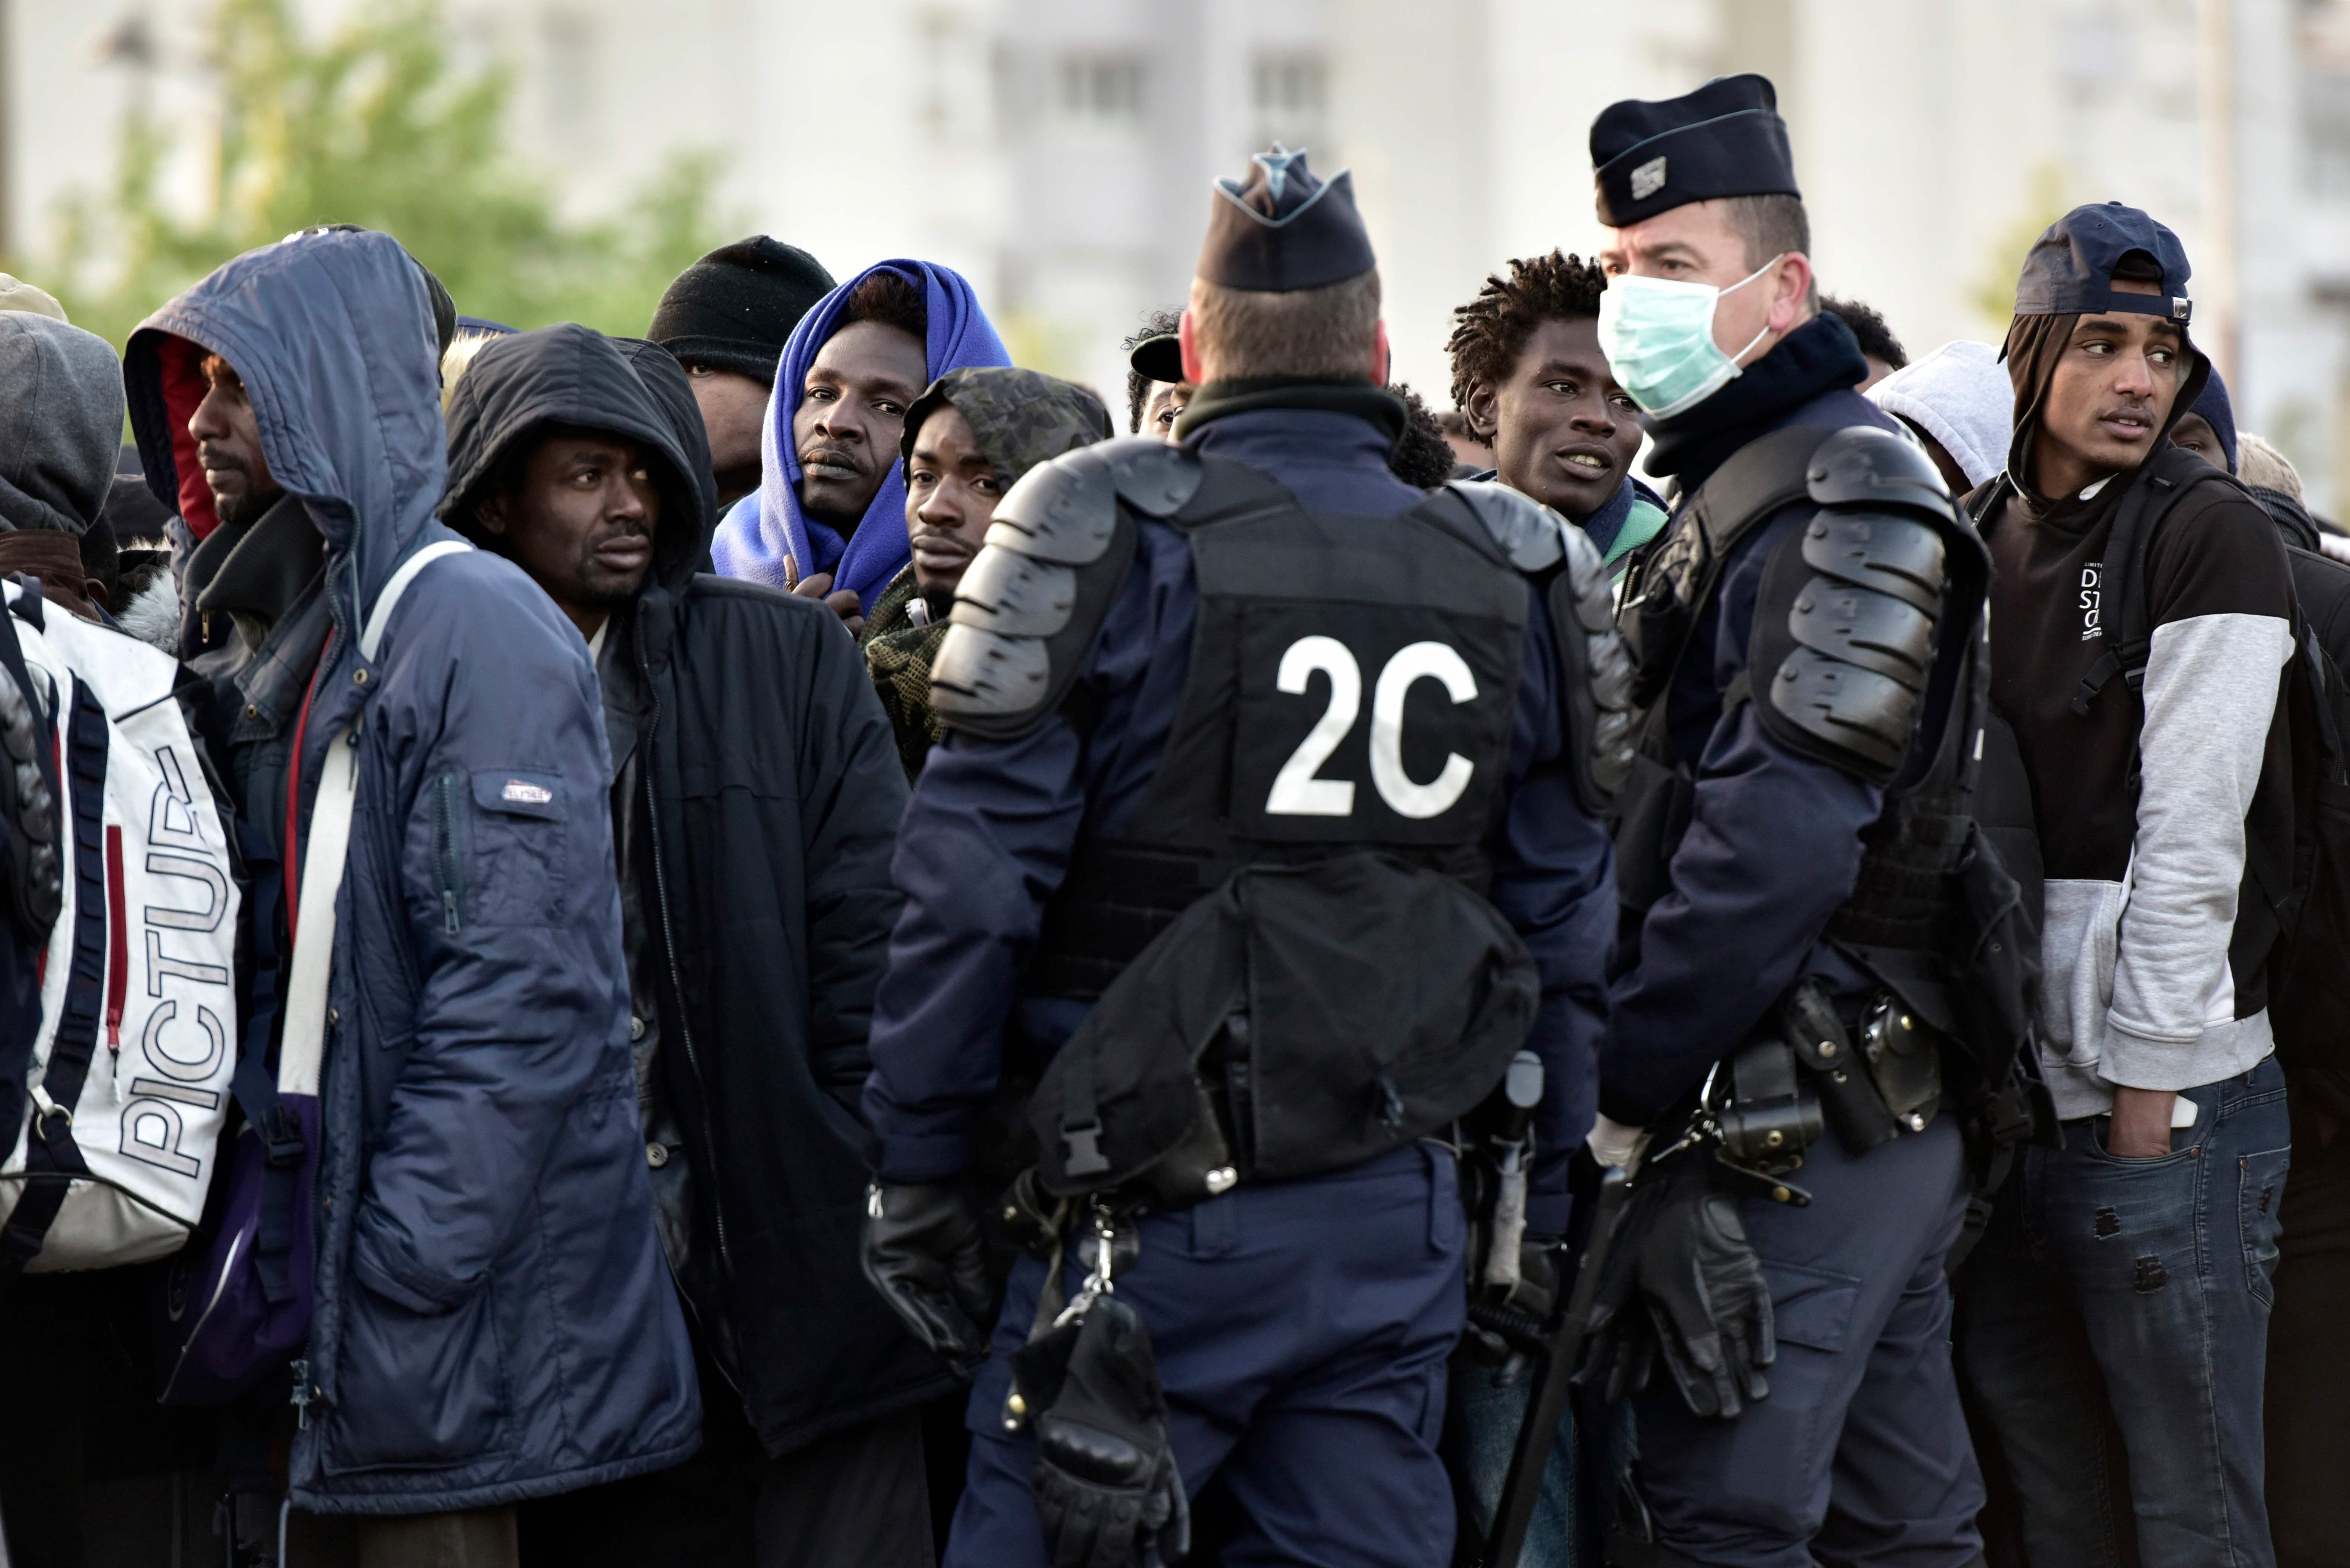 اجراءات اخلاء مخيم للاجئين فى باريس